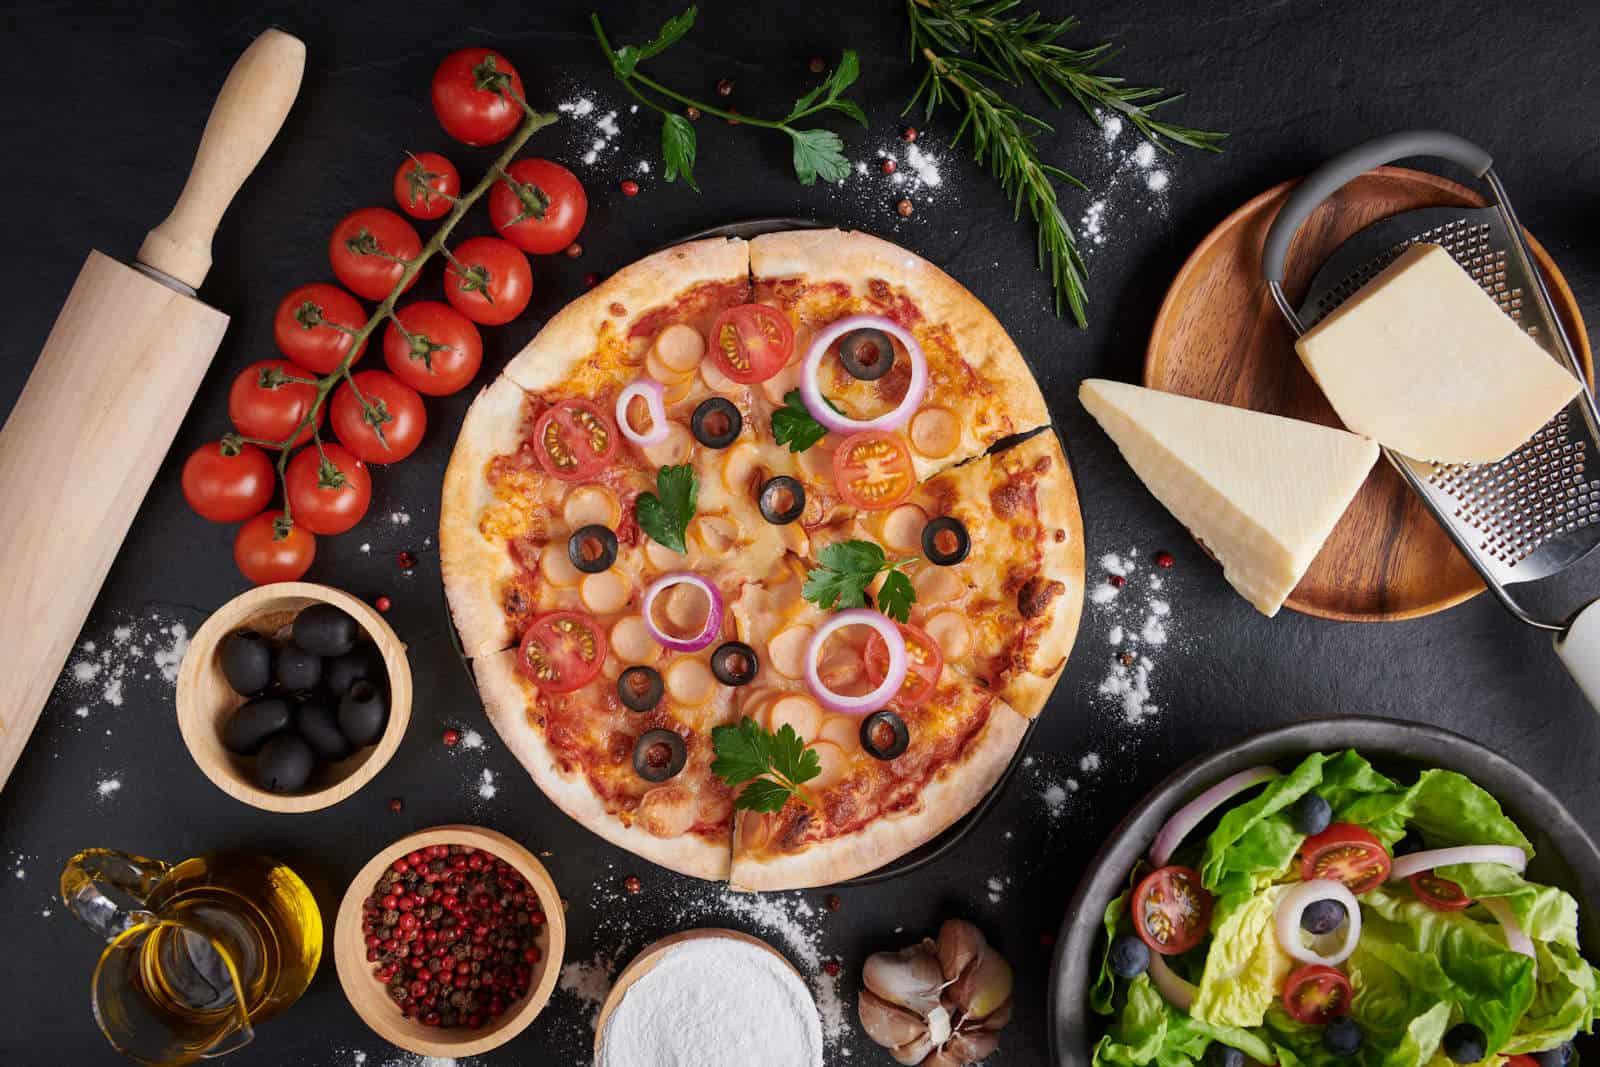 Macello Cucina di Puglia of Chicago